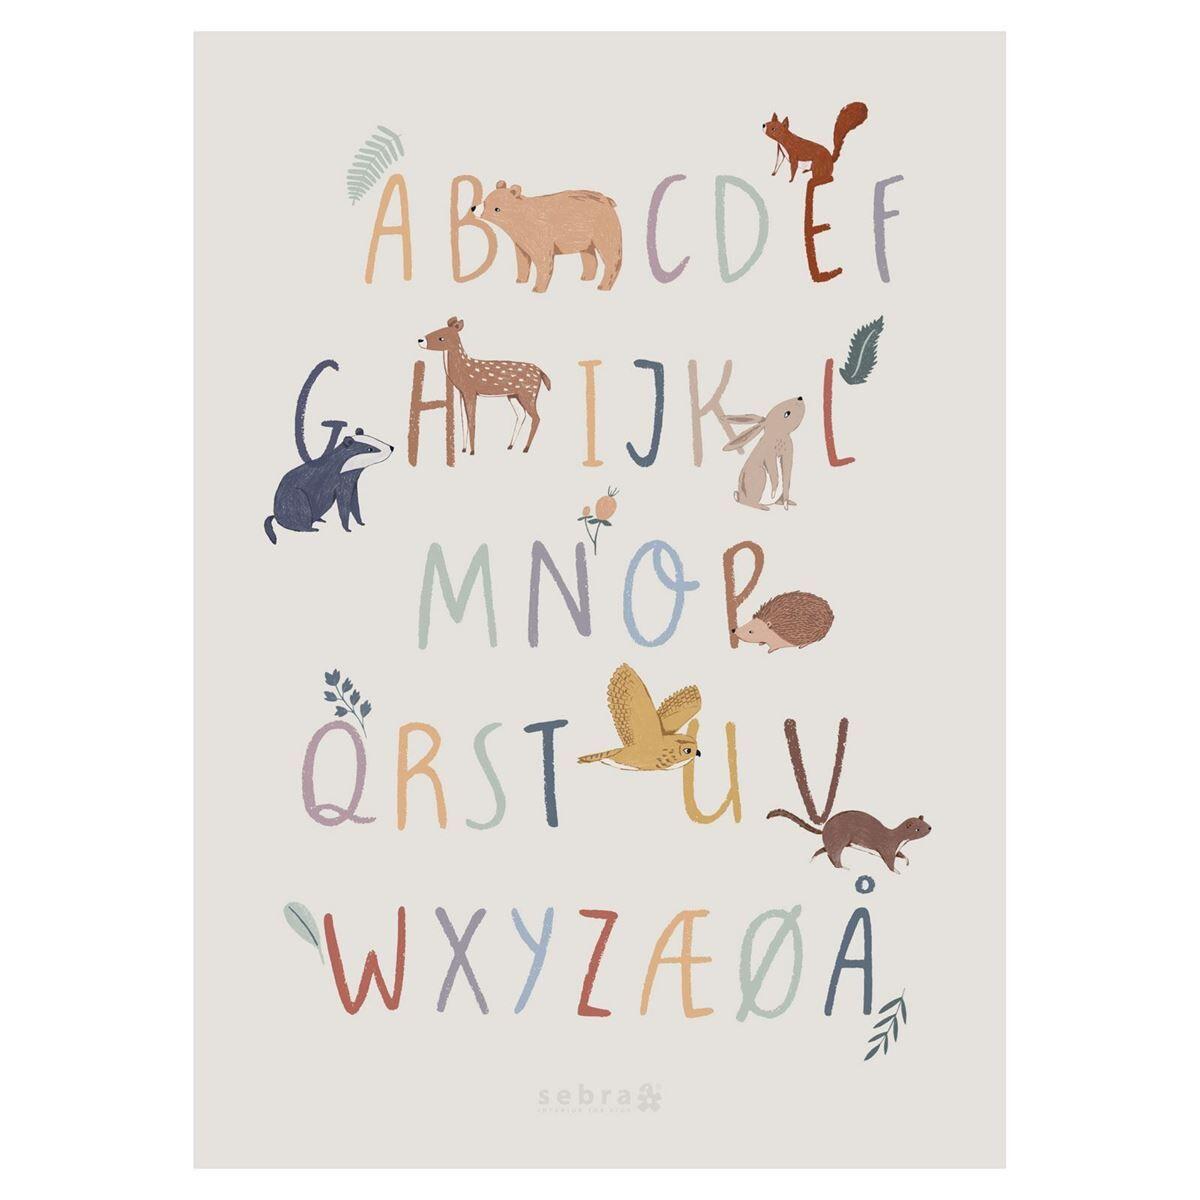 Sebra Poster, Alfabetet A-Å, Nightfall